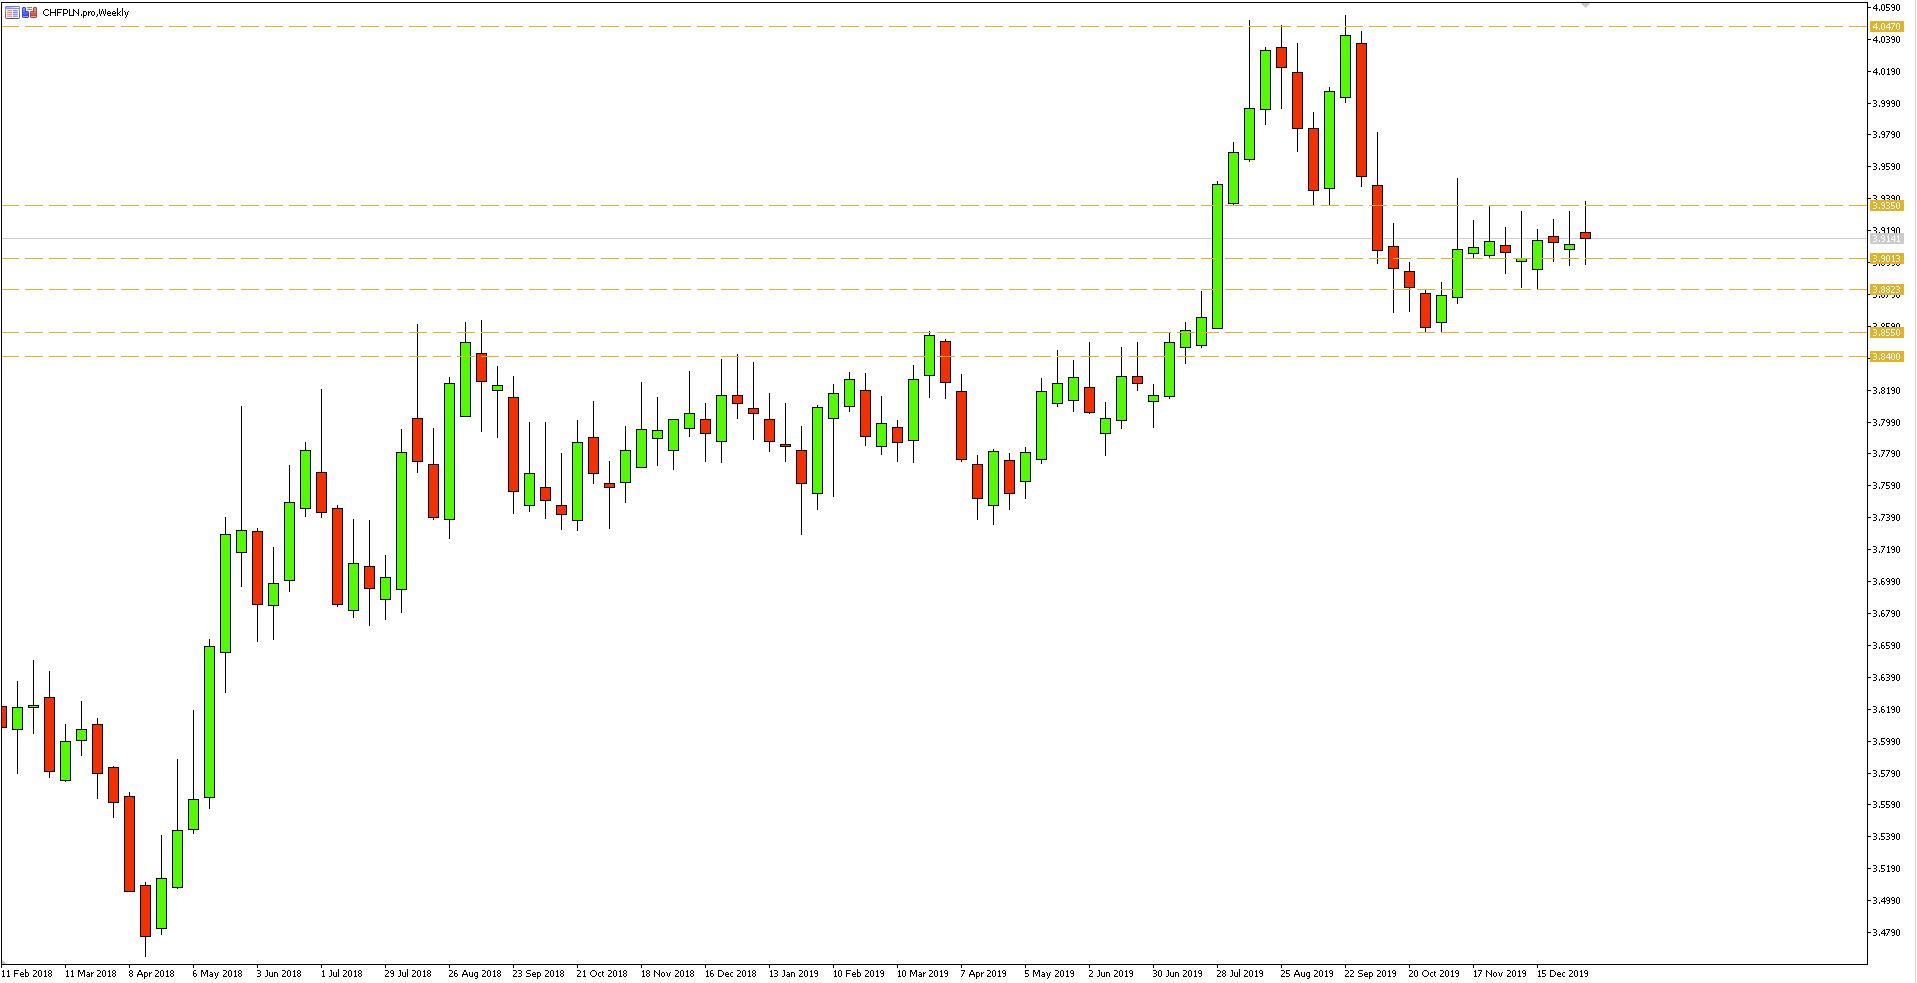 Wykres tygodniowy pary walutowej CHFPLN - 10.01.2020 r.